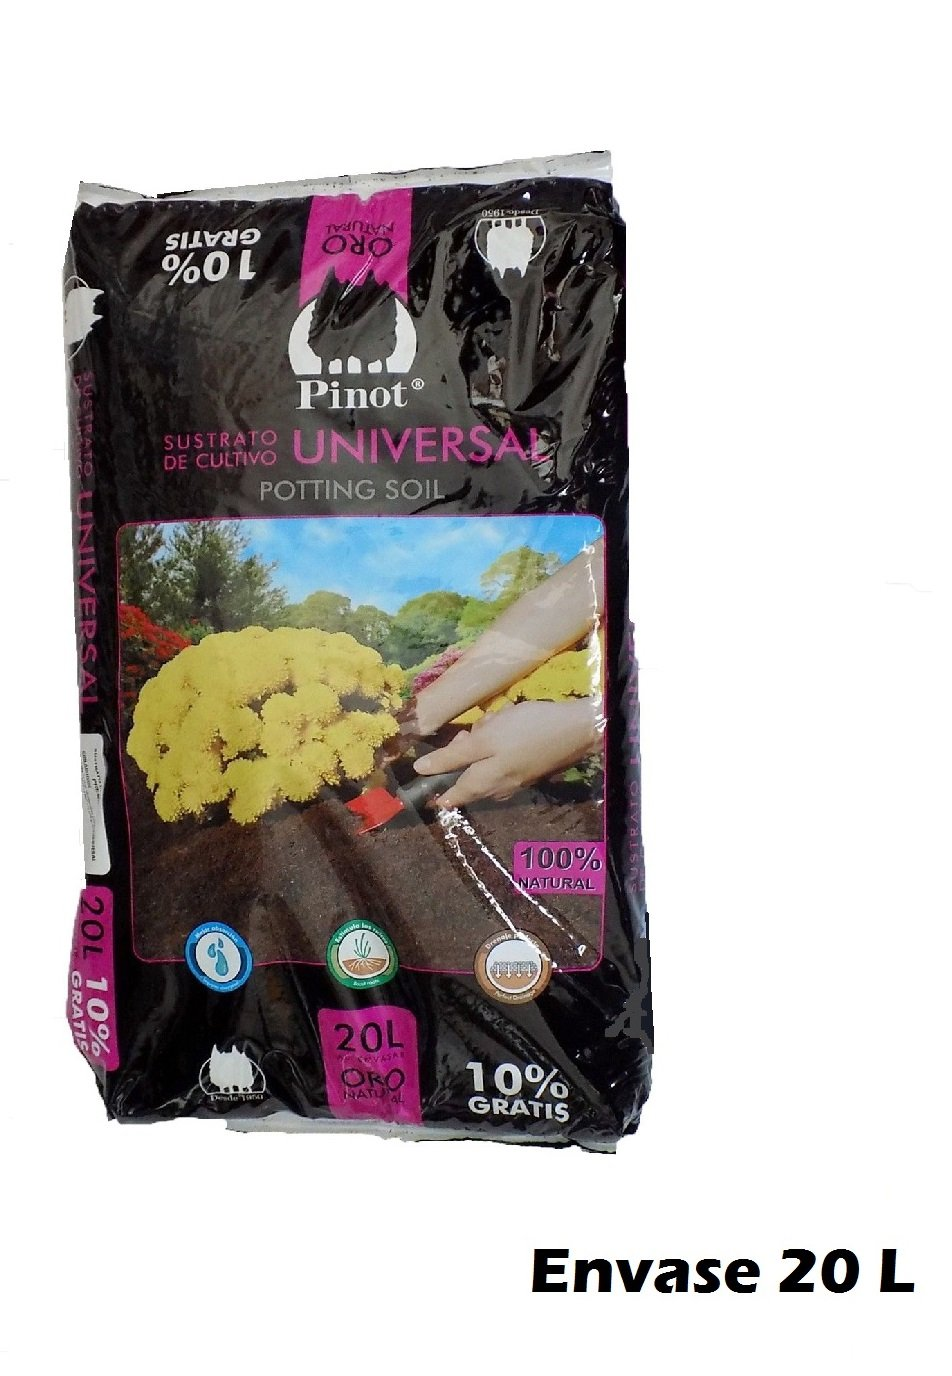 Turba sustrato de Cultivo Humus Corteza Pino 20 L substrato Pinot ...